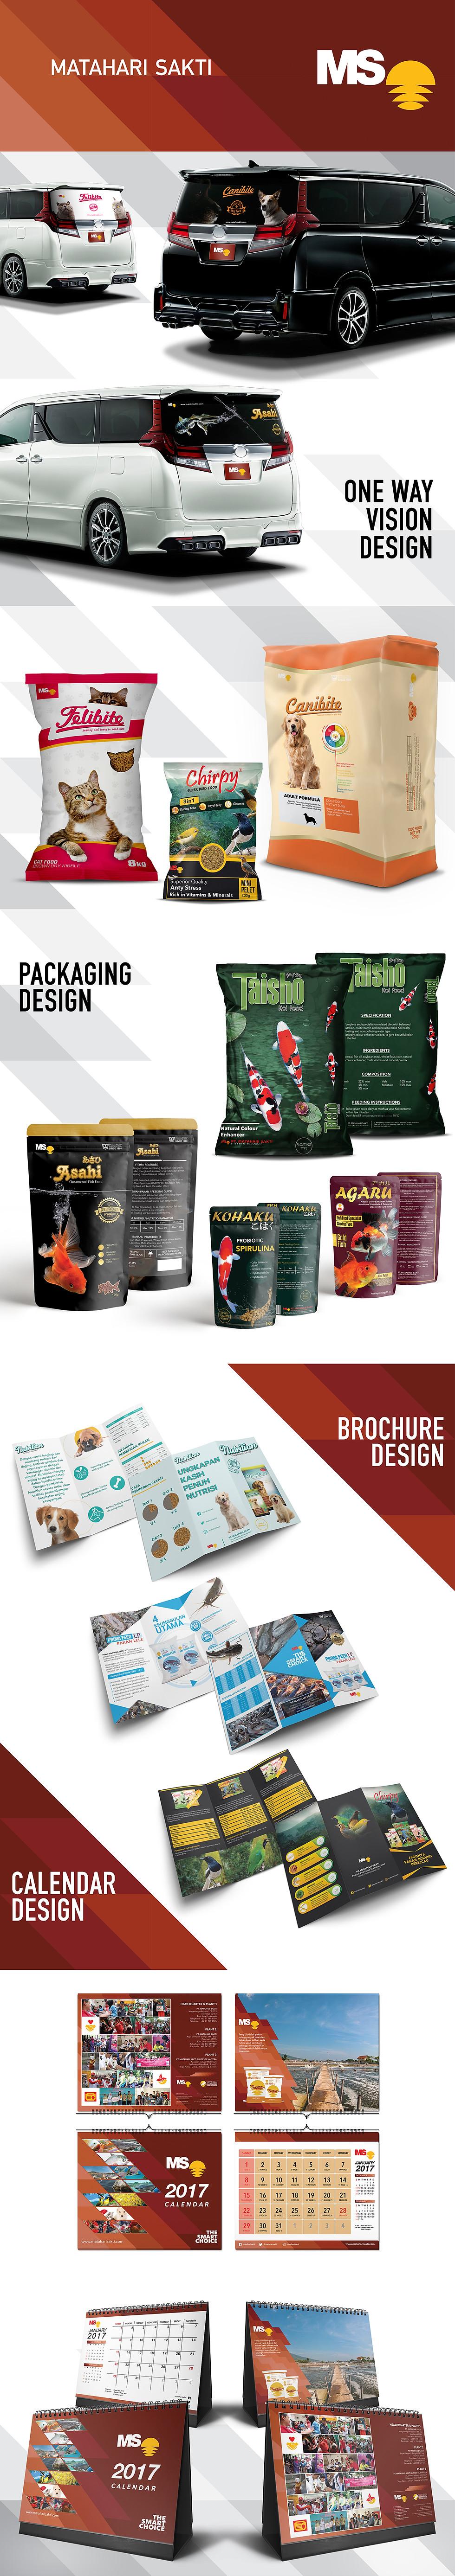 Jasa Pembuatan Company Profile, Branding, Desain Grafis Surabaya